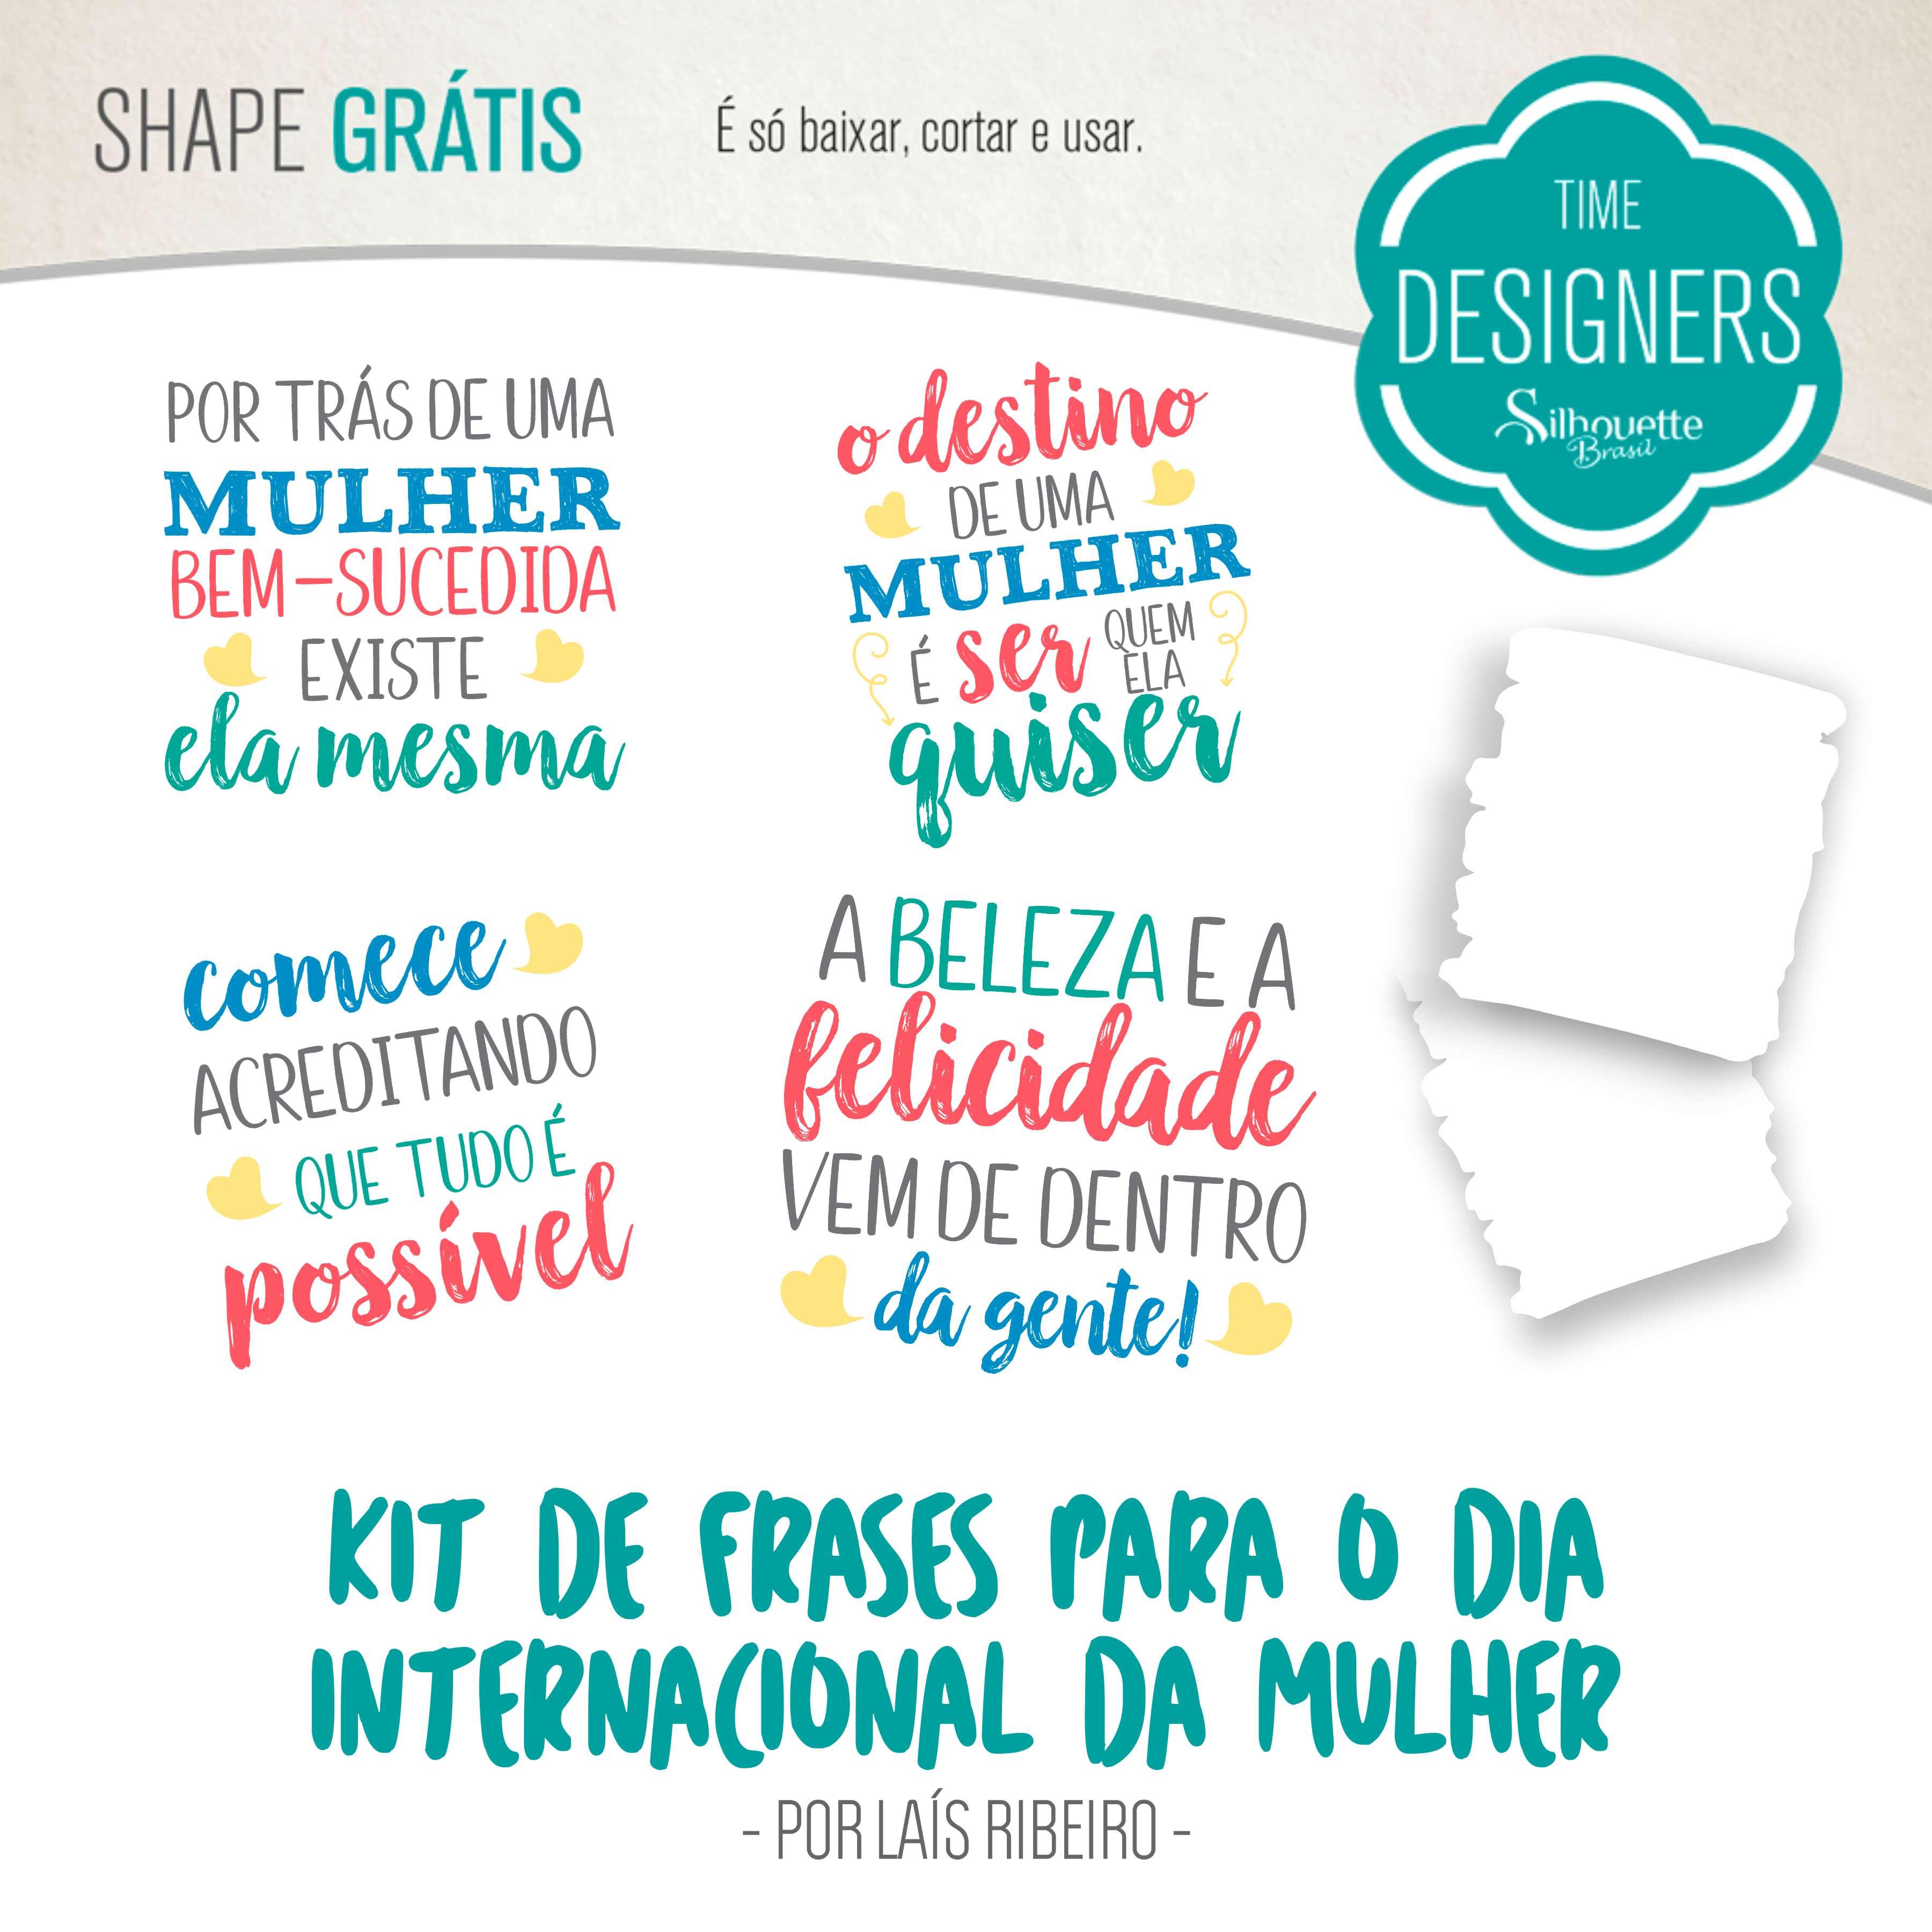 Kit de Frases Digitais - Dia Internacional da Mulher